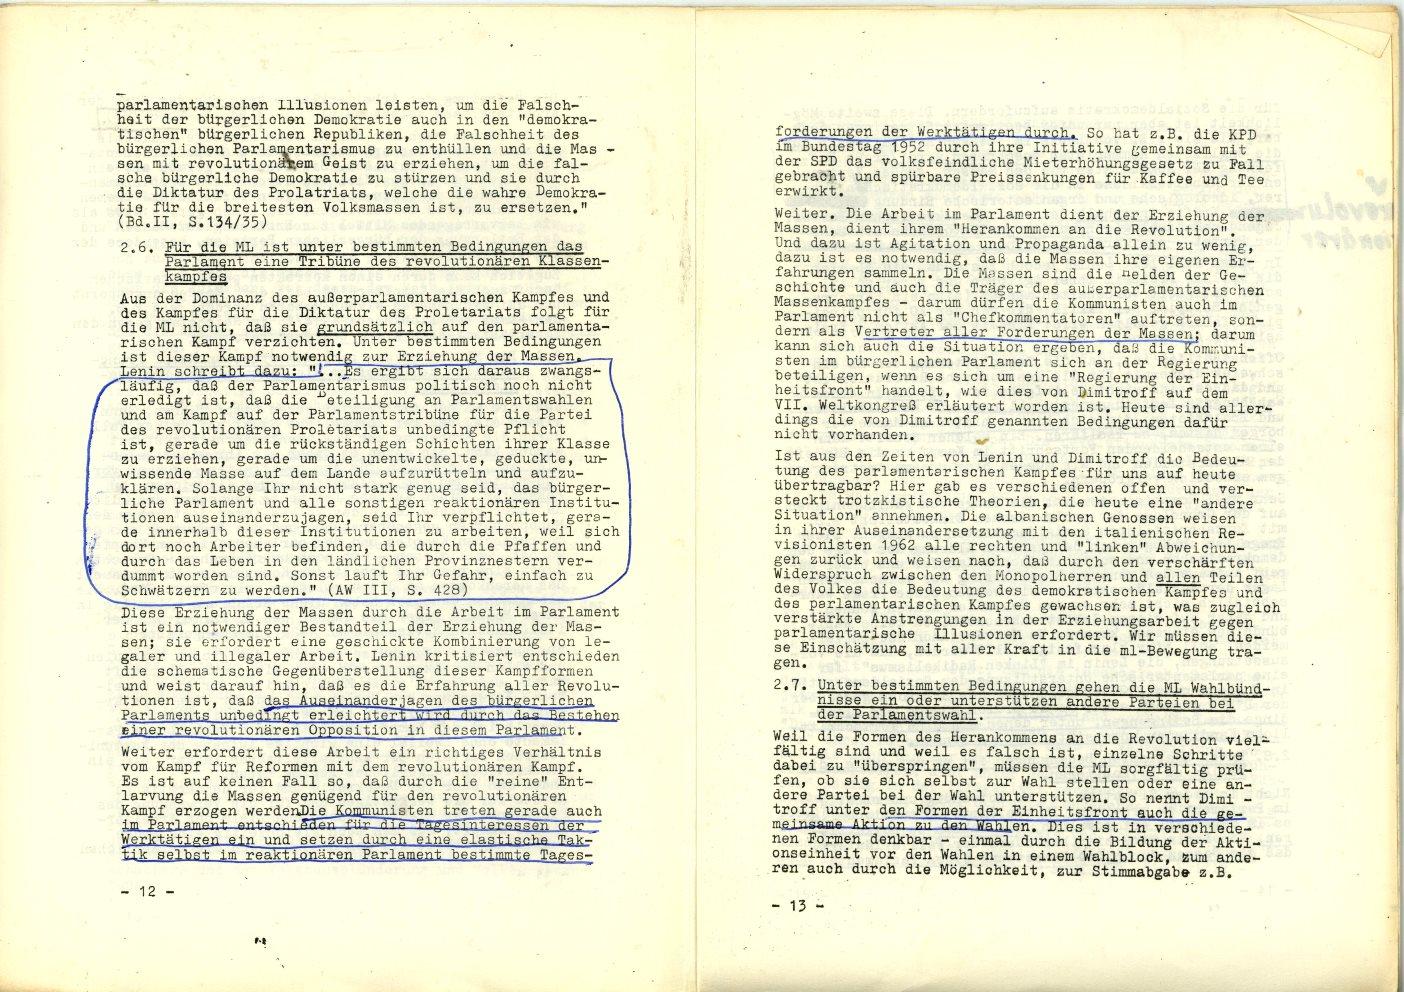 ZB_Rahmenplan_19720804_08